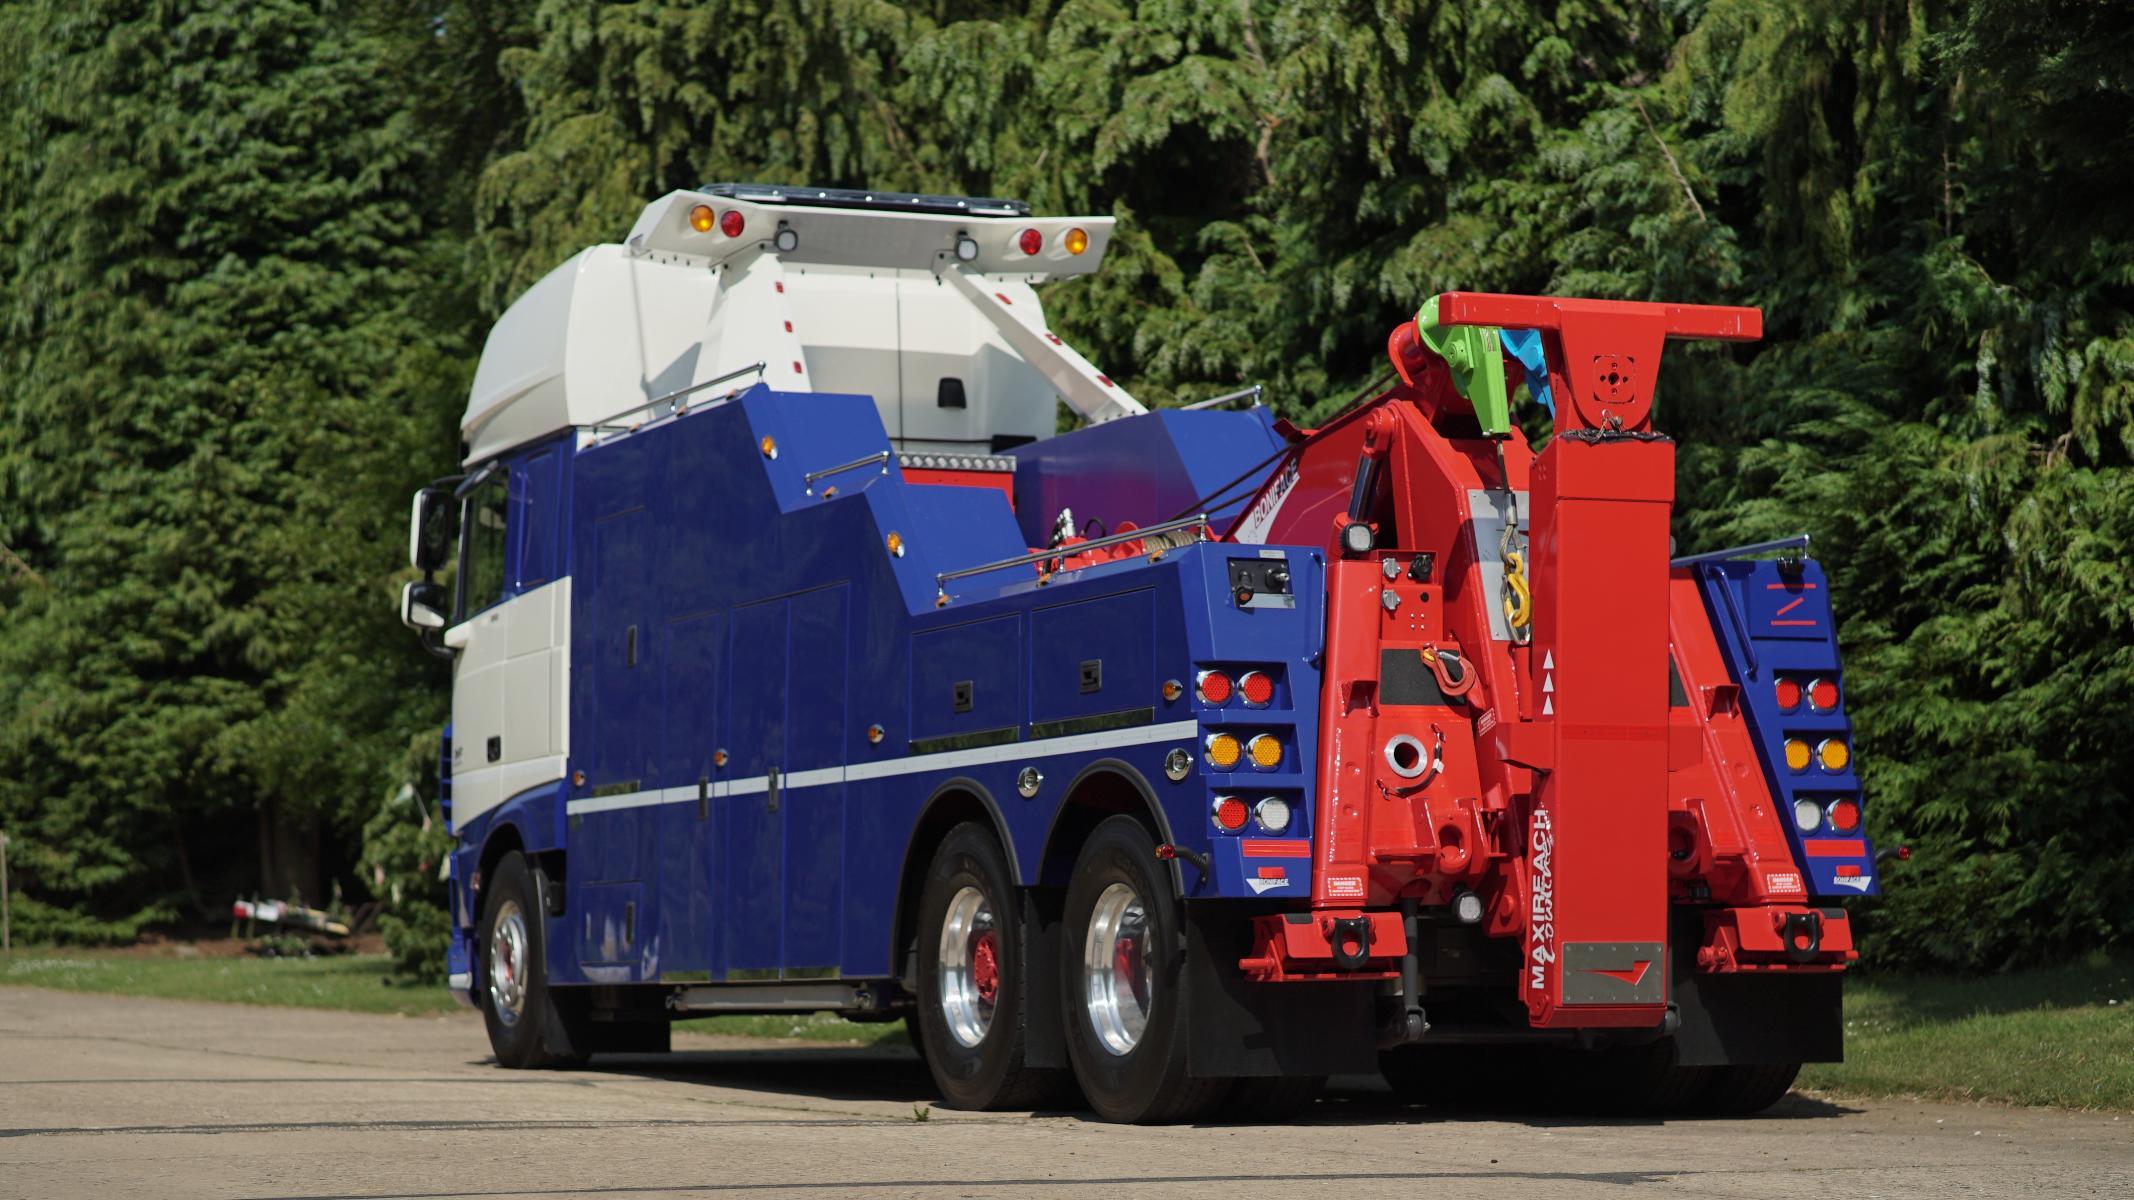 Heavy Duty Boniface Boniface Interstater MK6